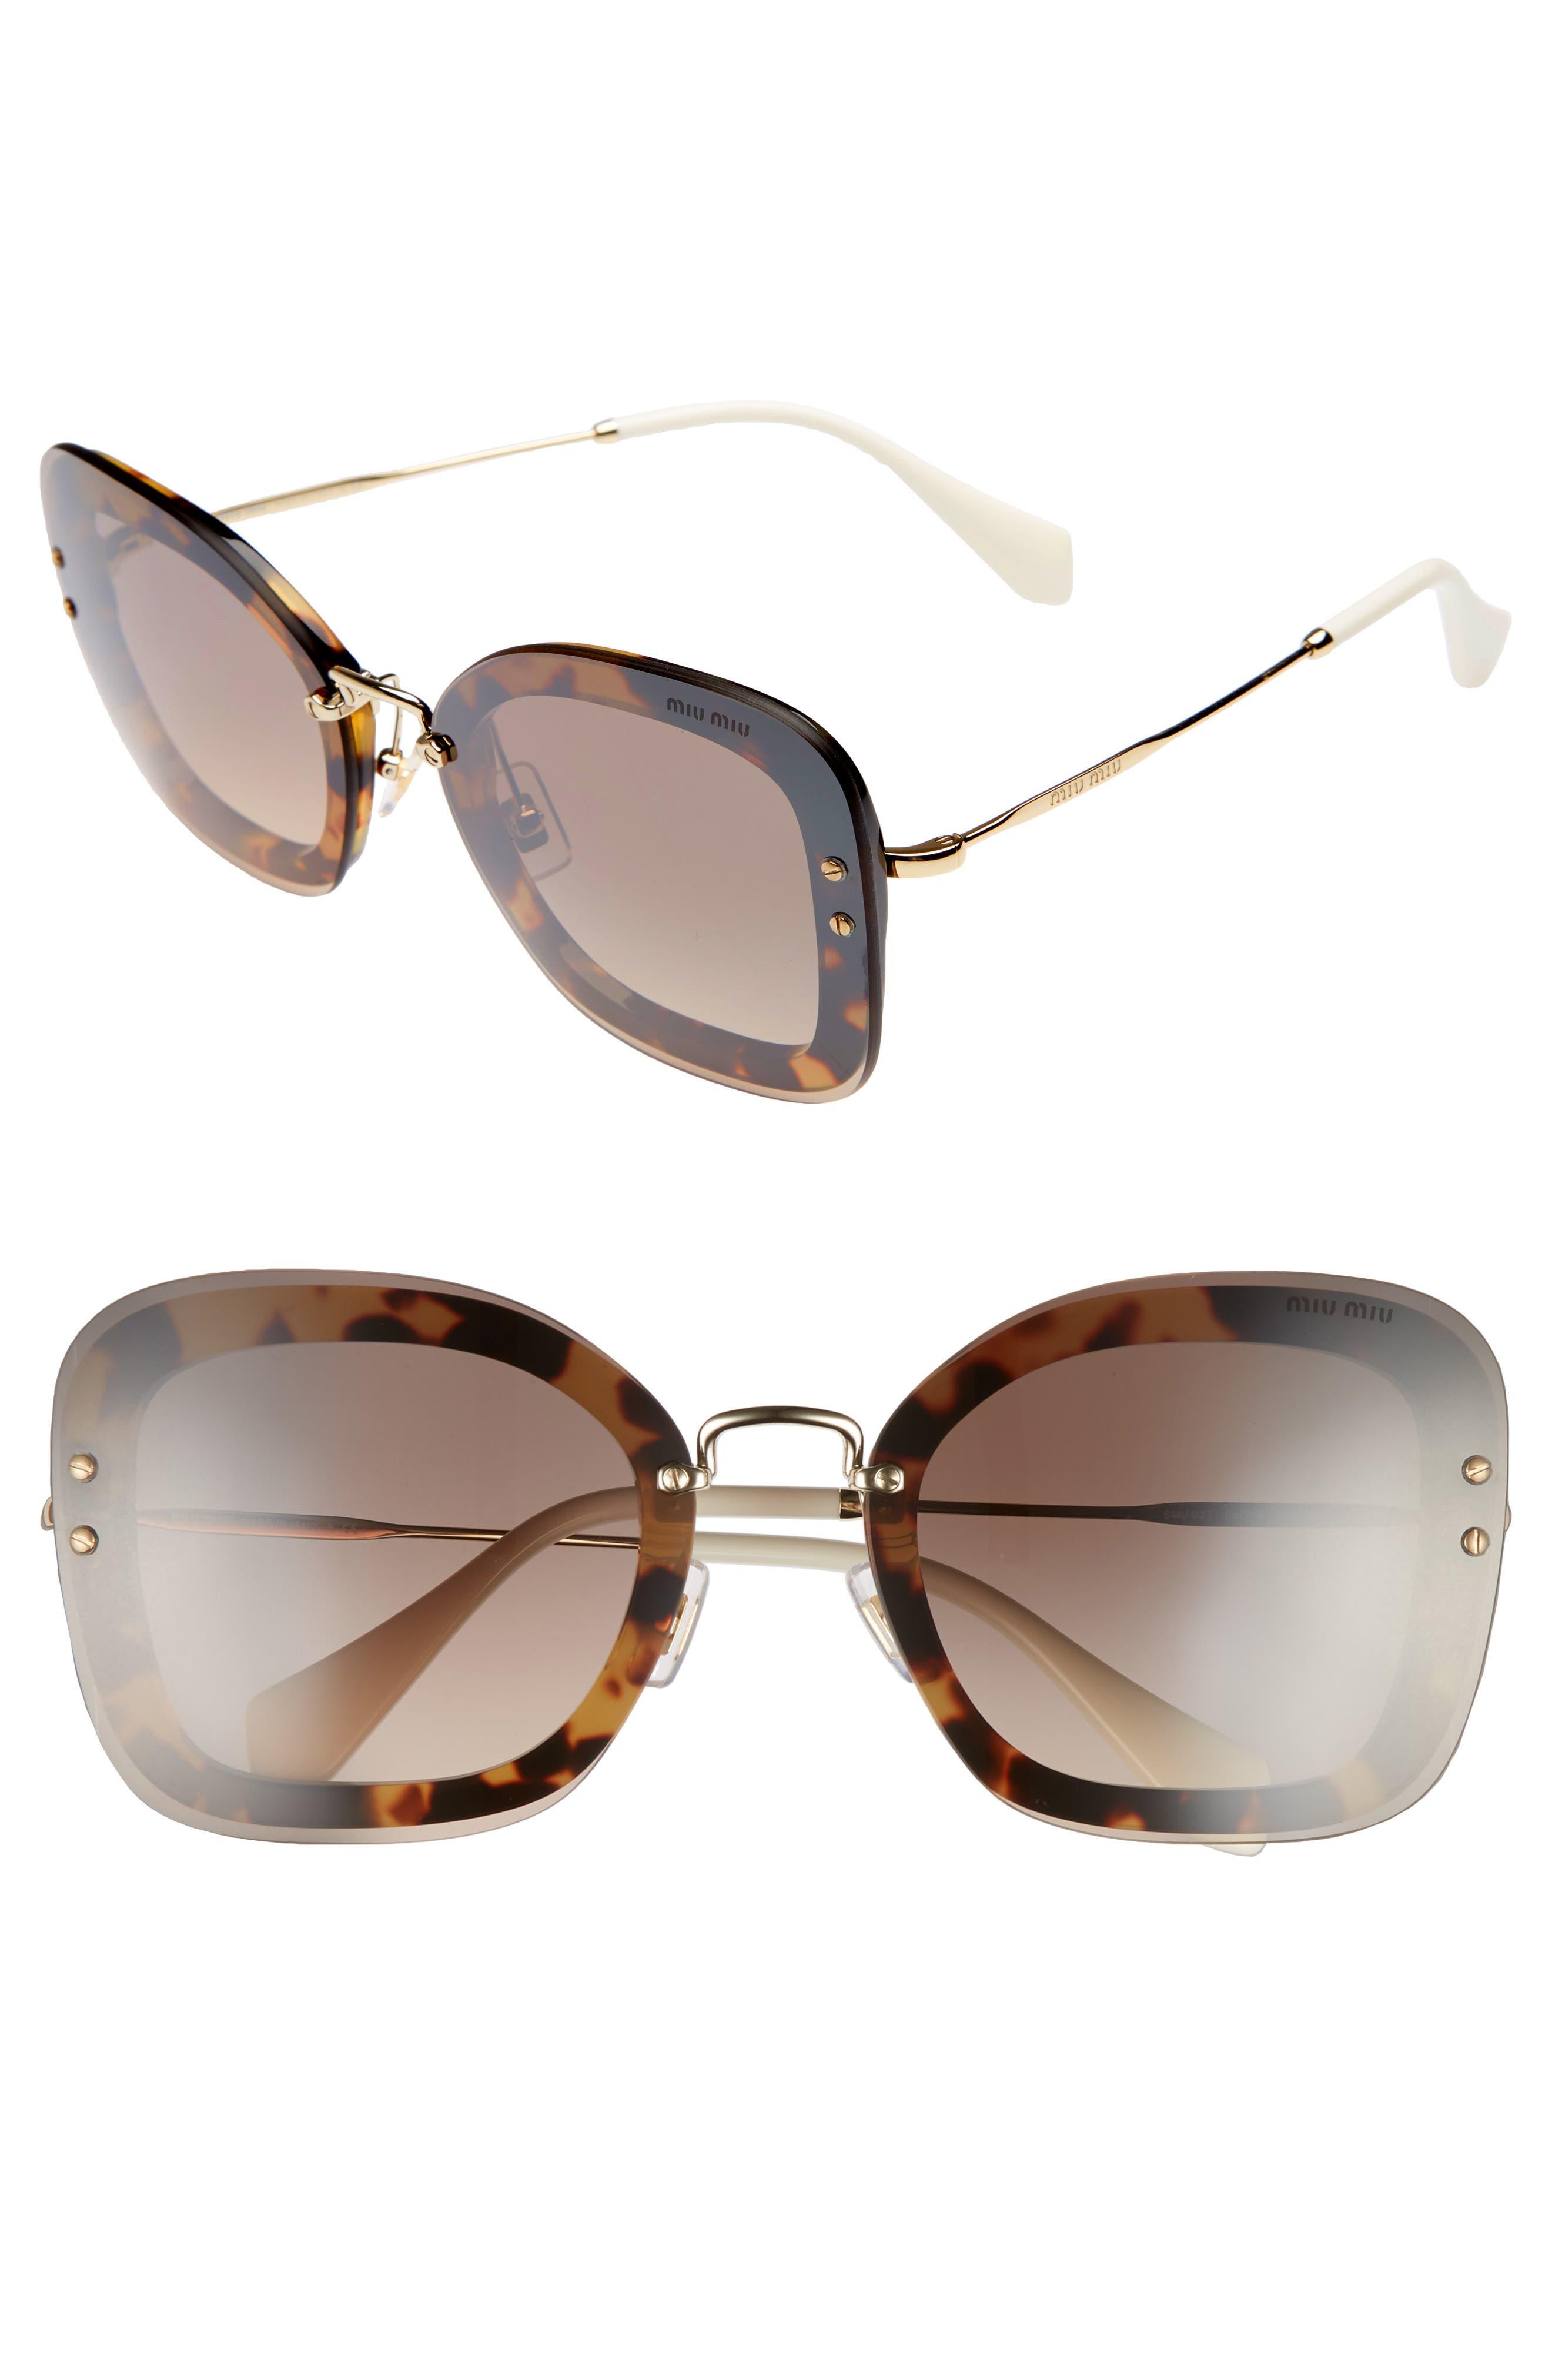 sunglasses classic miu miu fashion brown